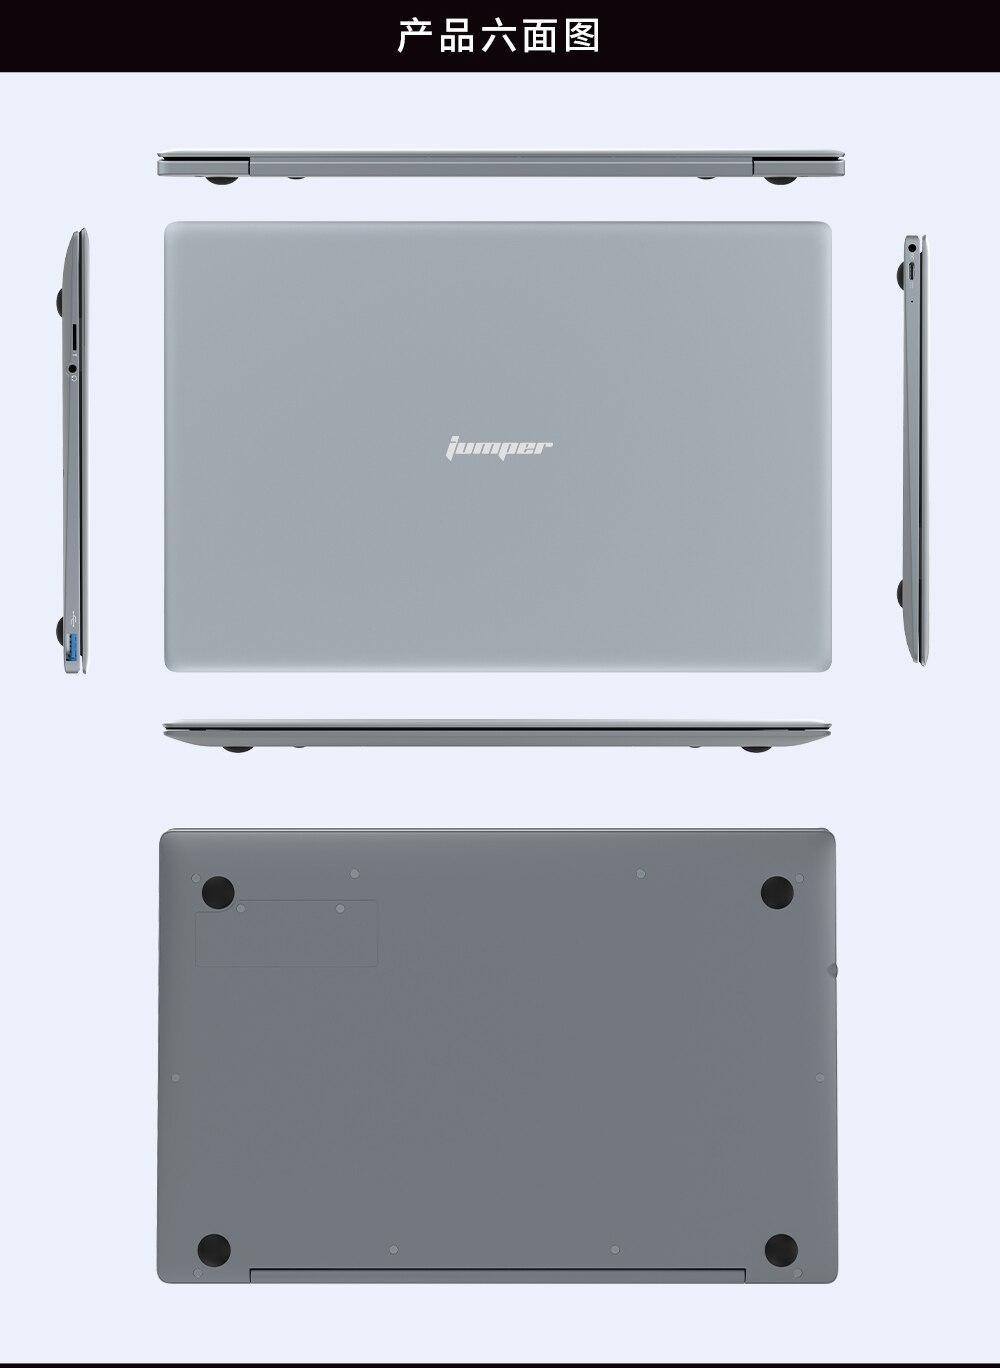 ezbook-x3pro-英文_14